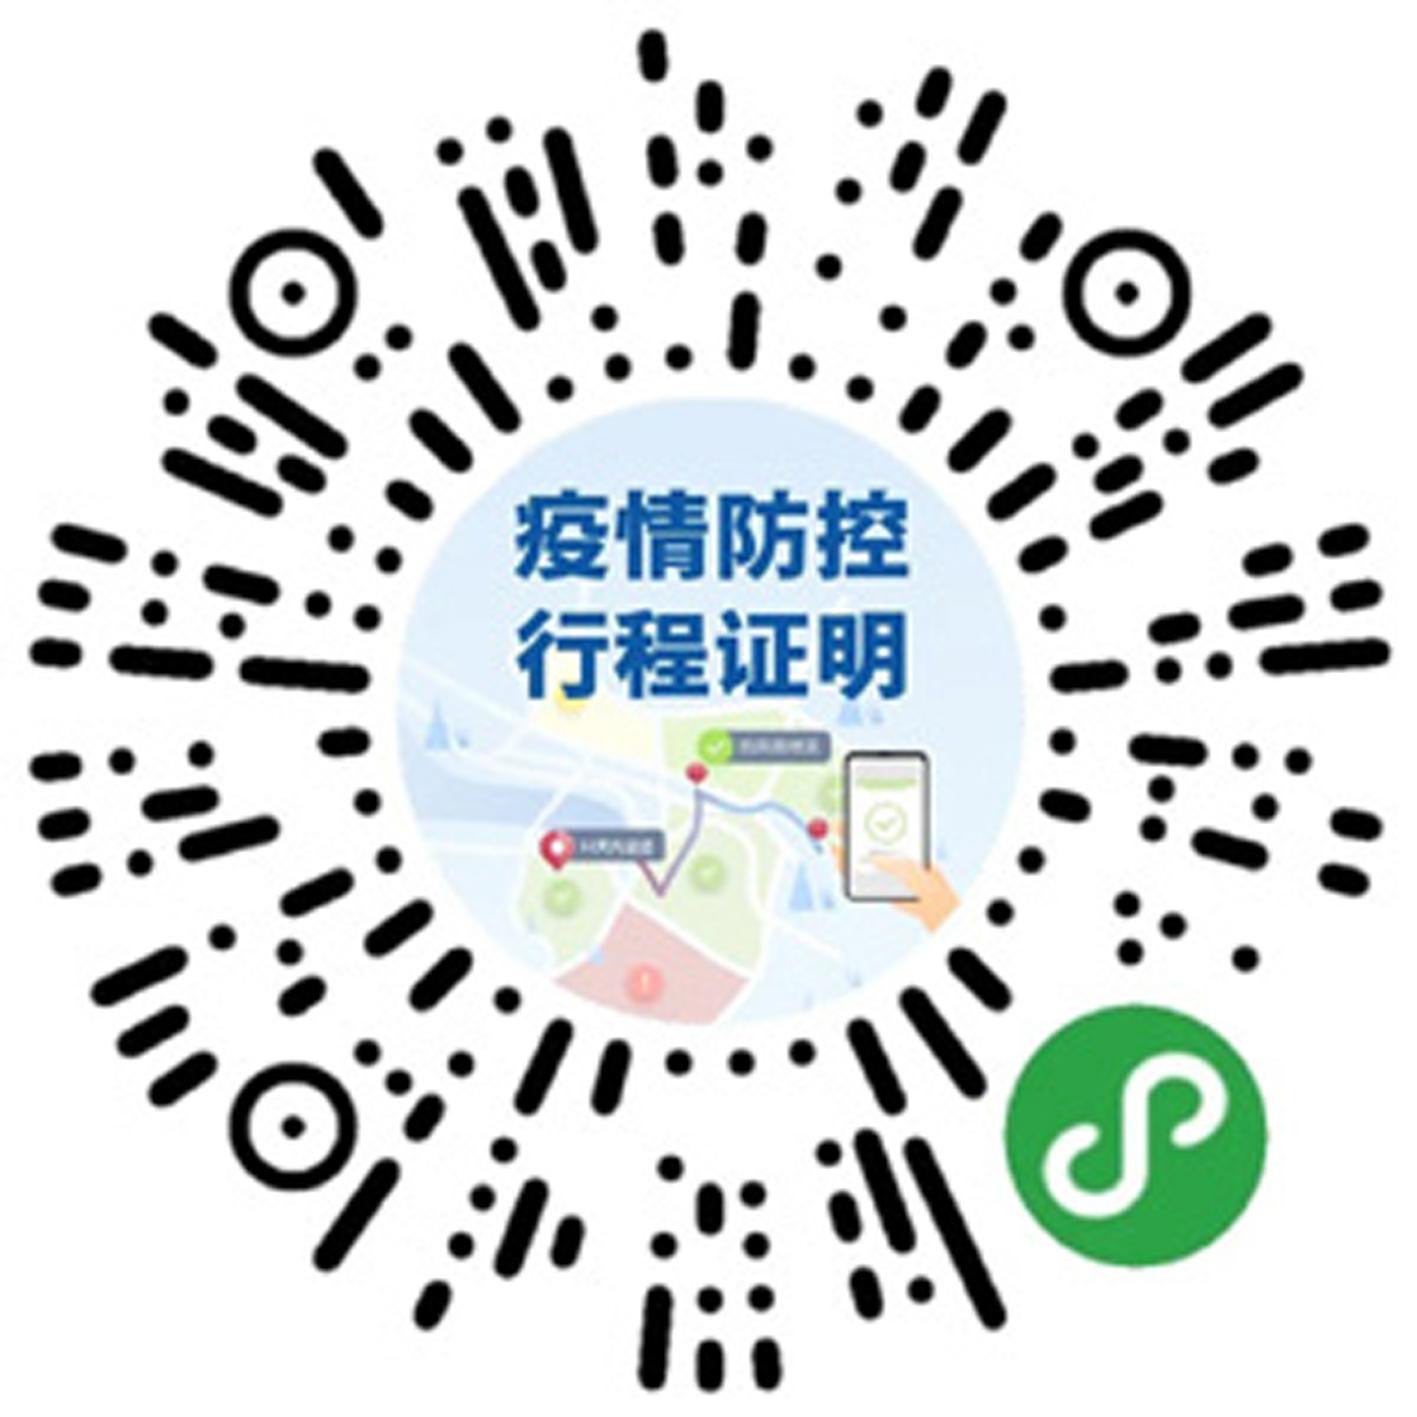 """市卫健委发布指南:你会申领""""健康码""""吗?"""